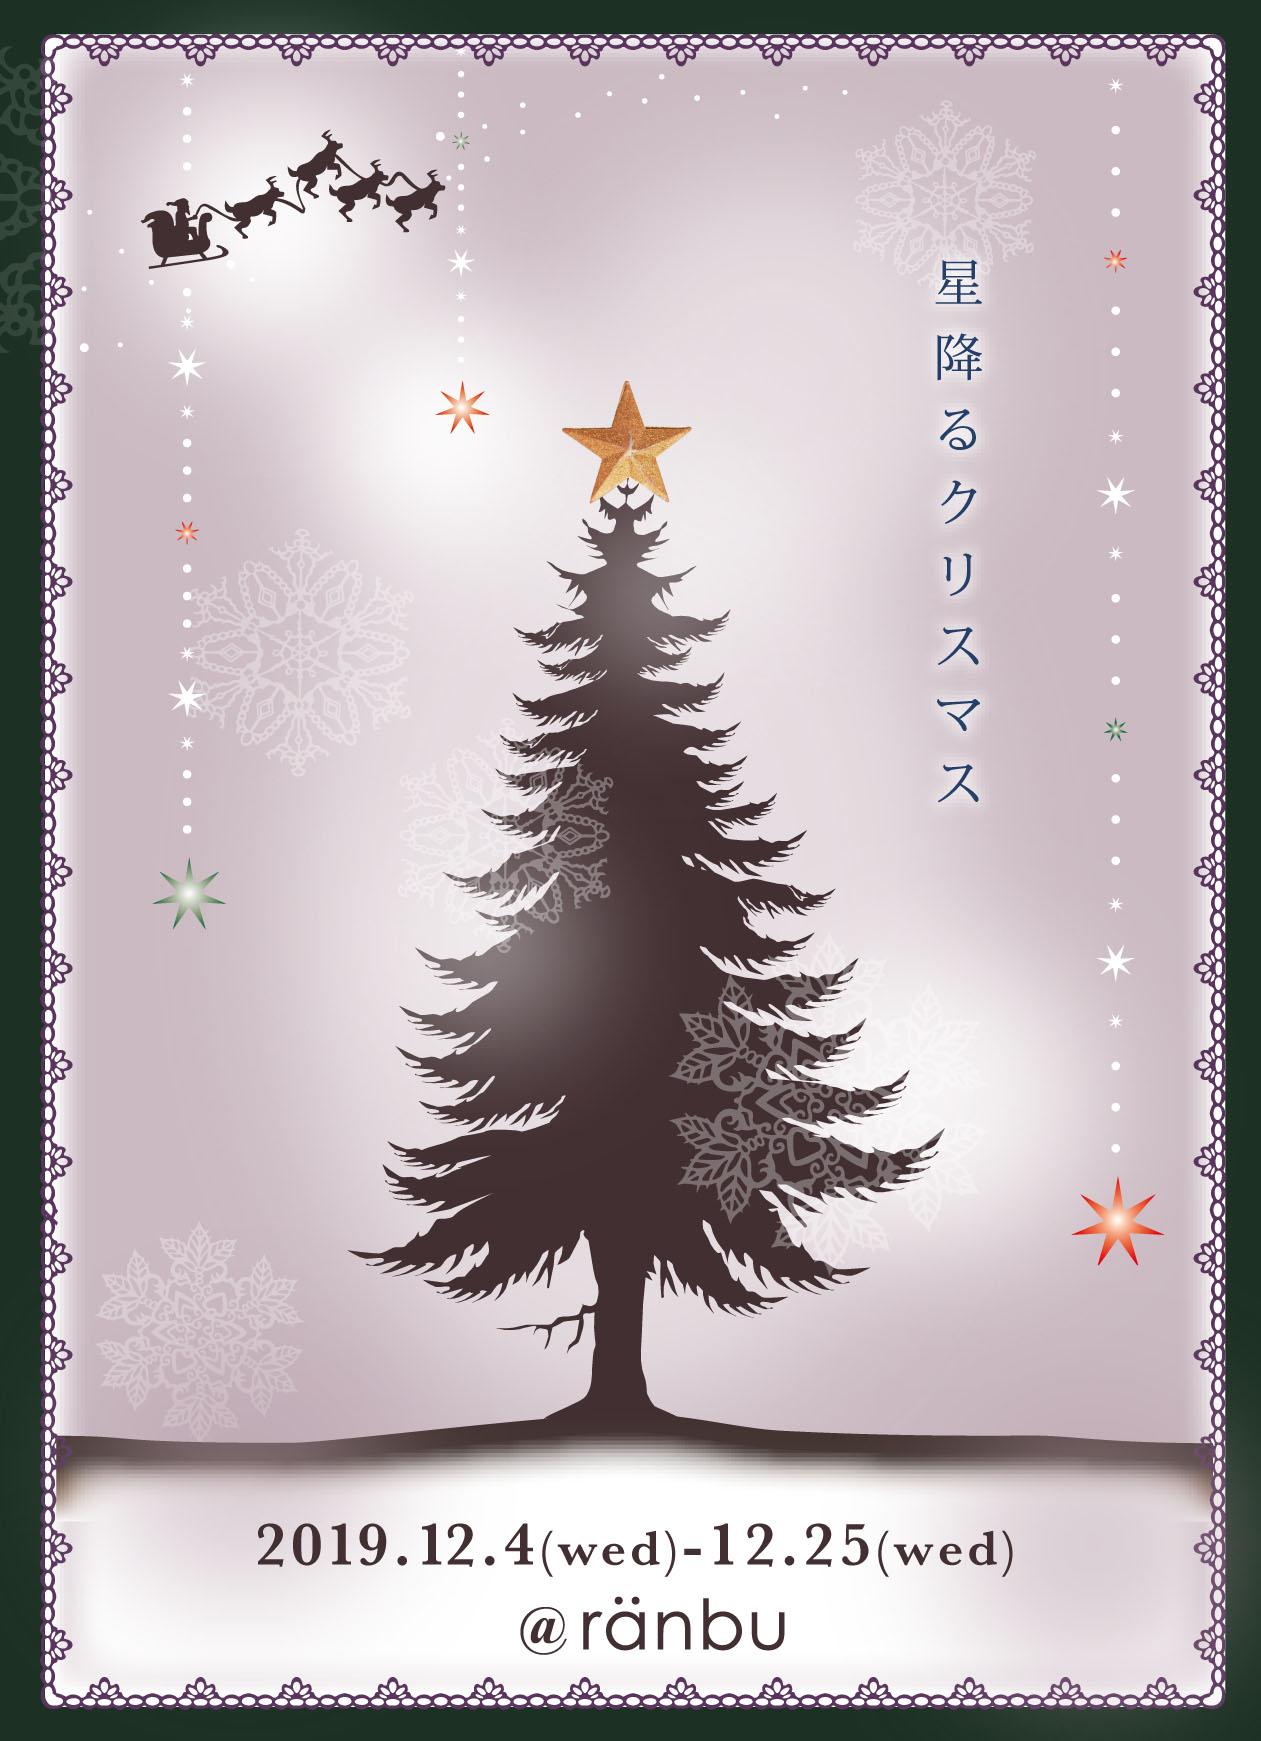 企画展「星降るクリスマス」